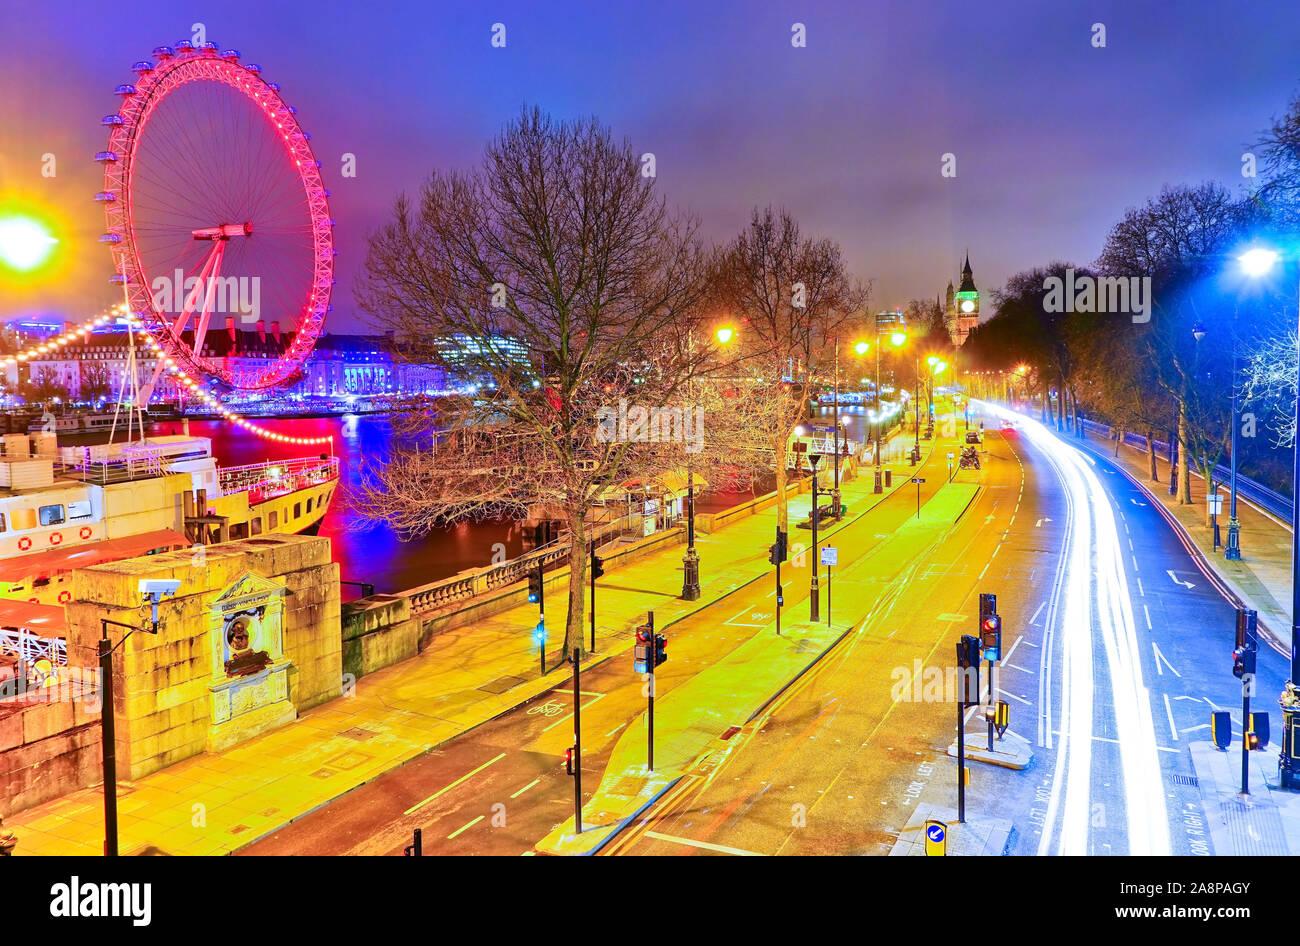 Vue sur les Chambres du Parlement avec des voitures qui passent dans la rue à Londres la nuit. Banque D'Images